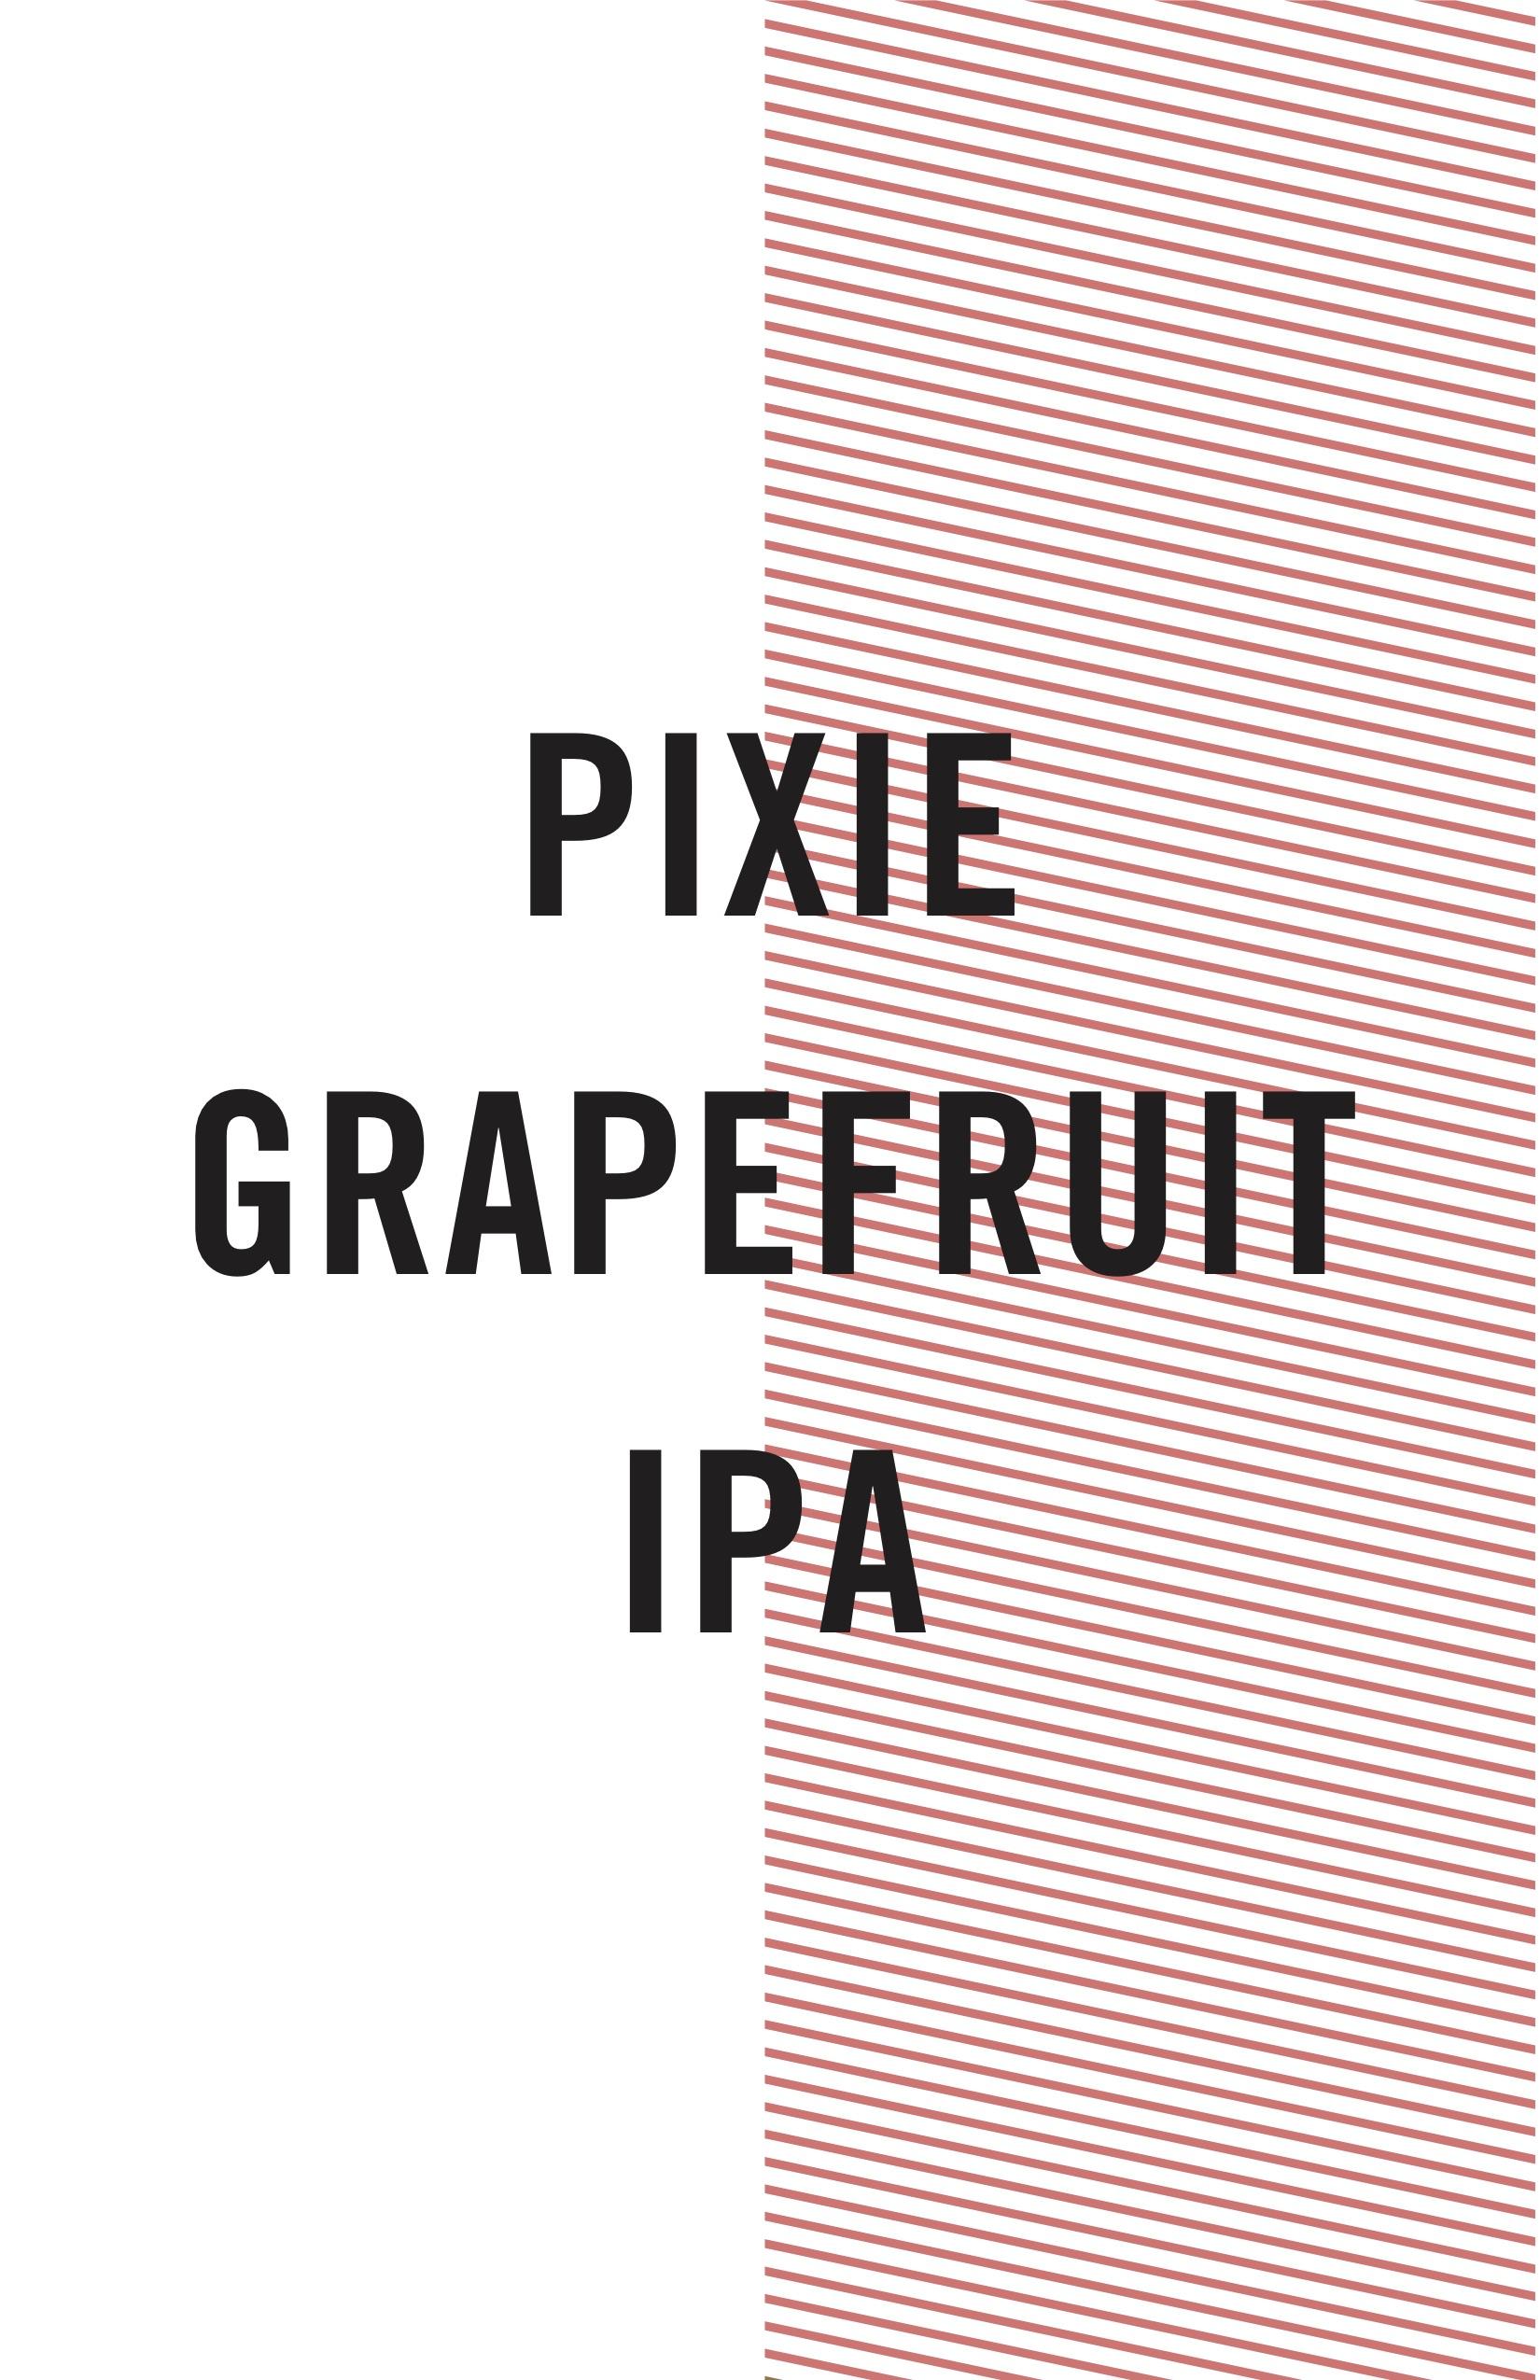 Pixie Grapefruit IPA.jpg